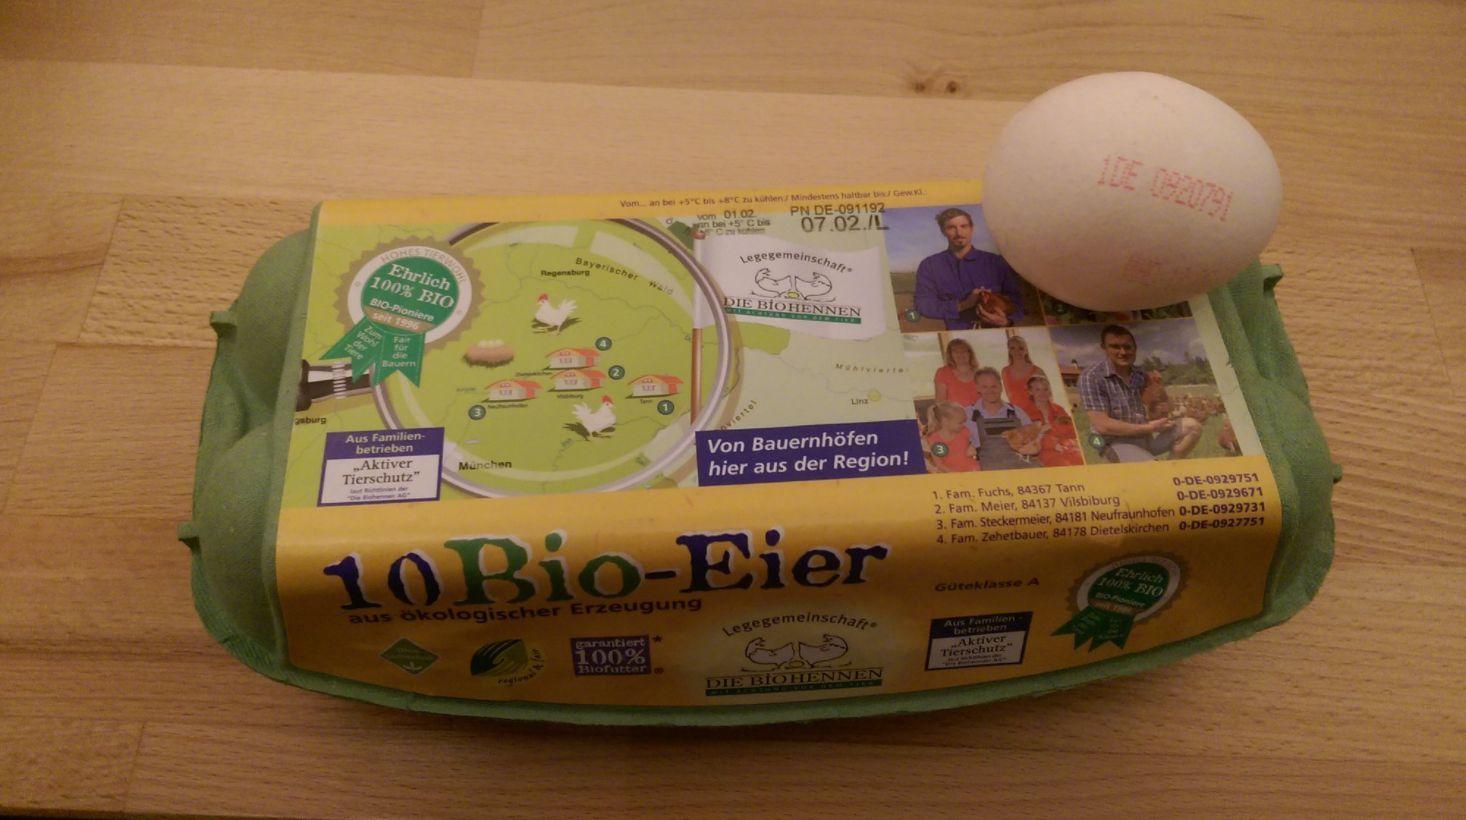 Kunde stellt Edeka eine Frage zu Bio-Eiern – und deckt damit eine perfide Masche auf